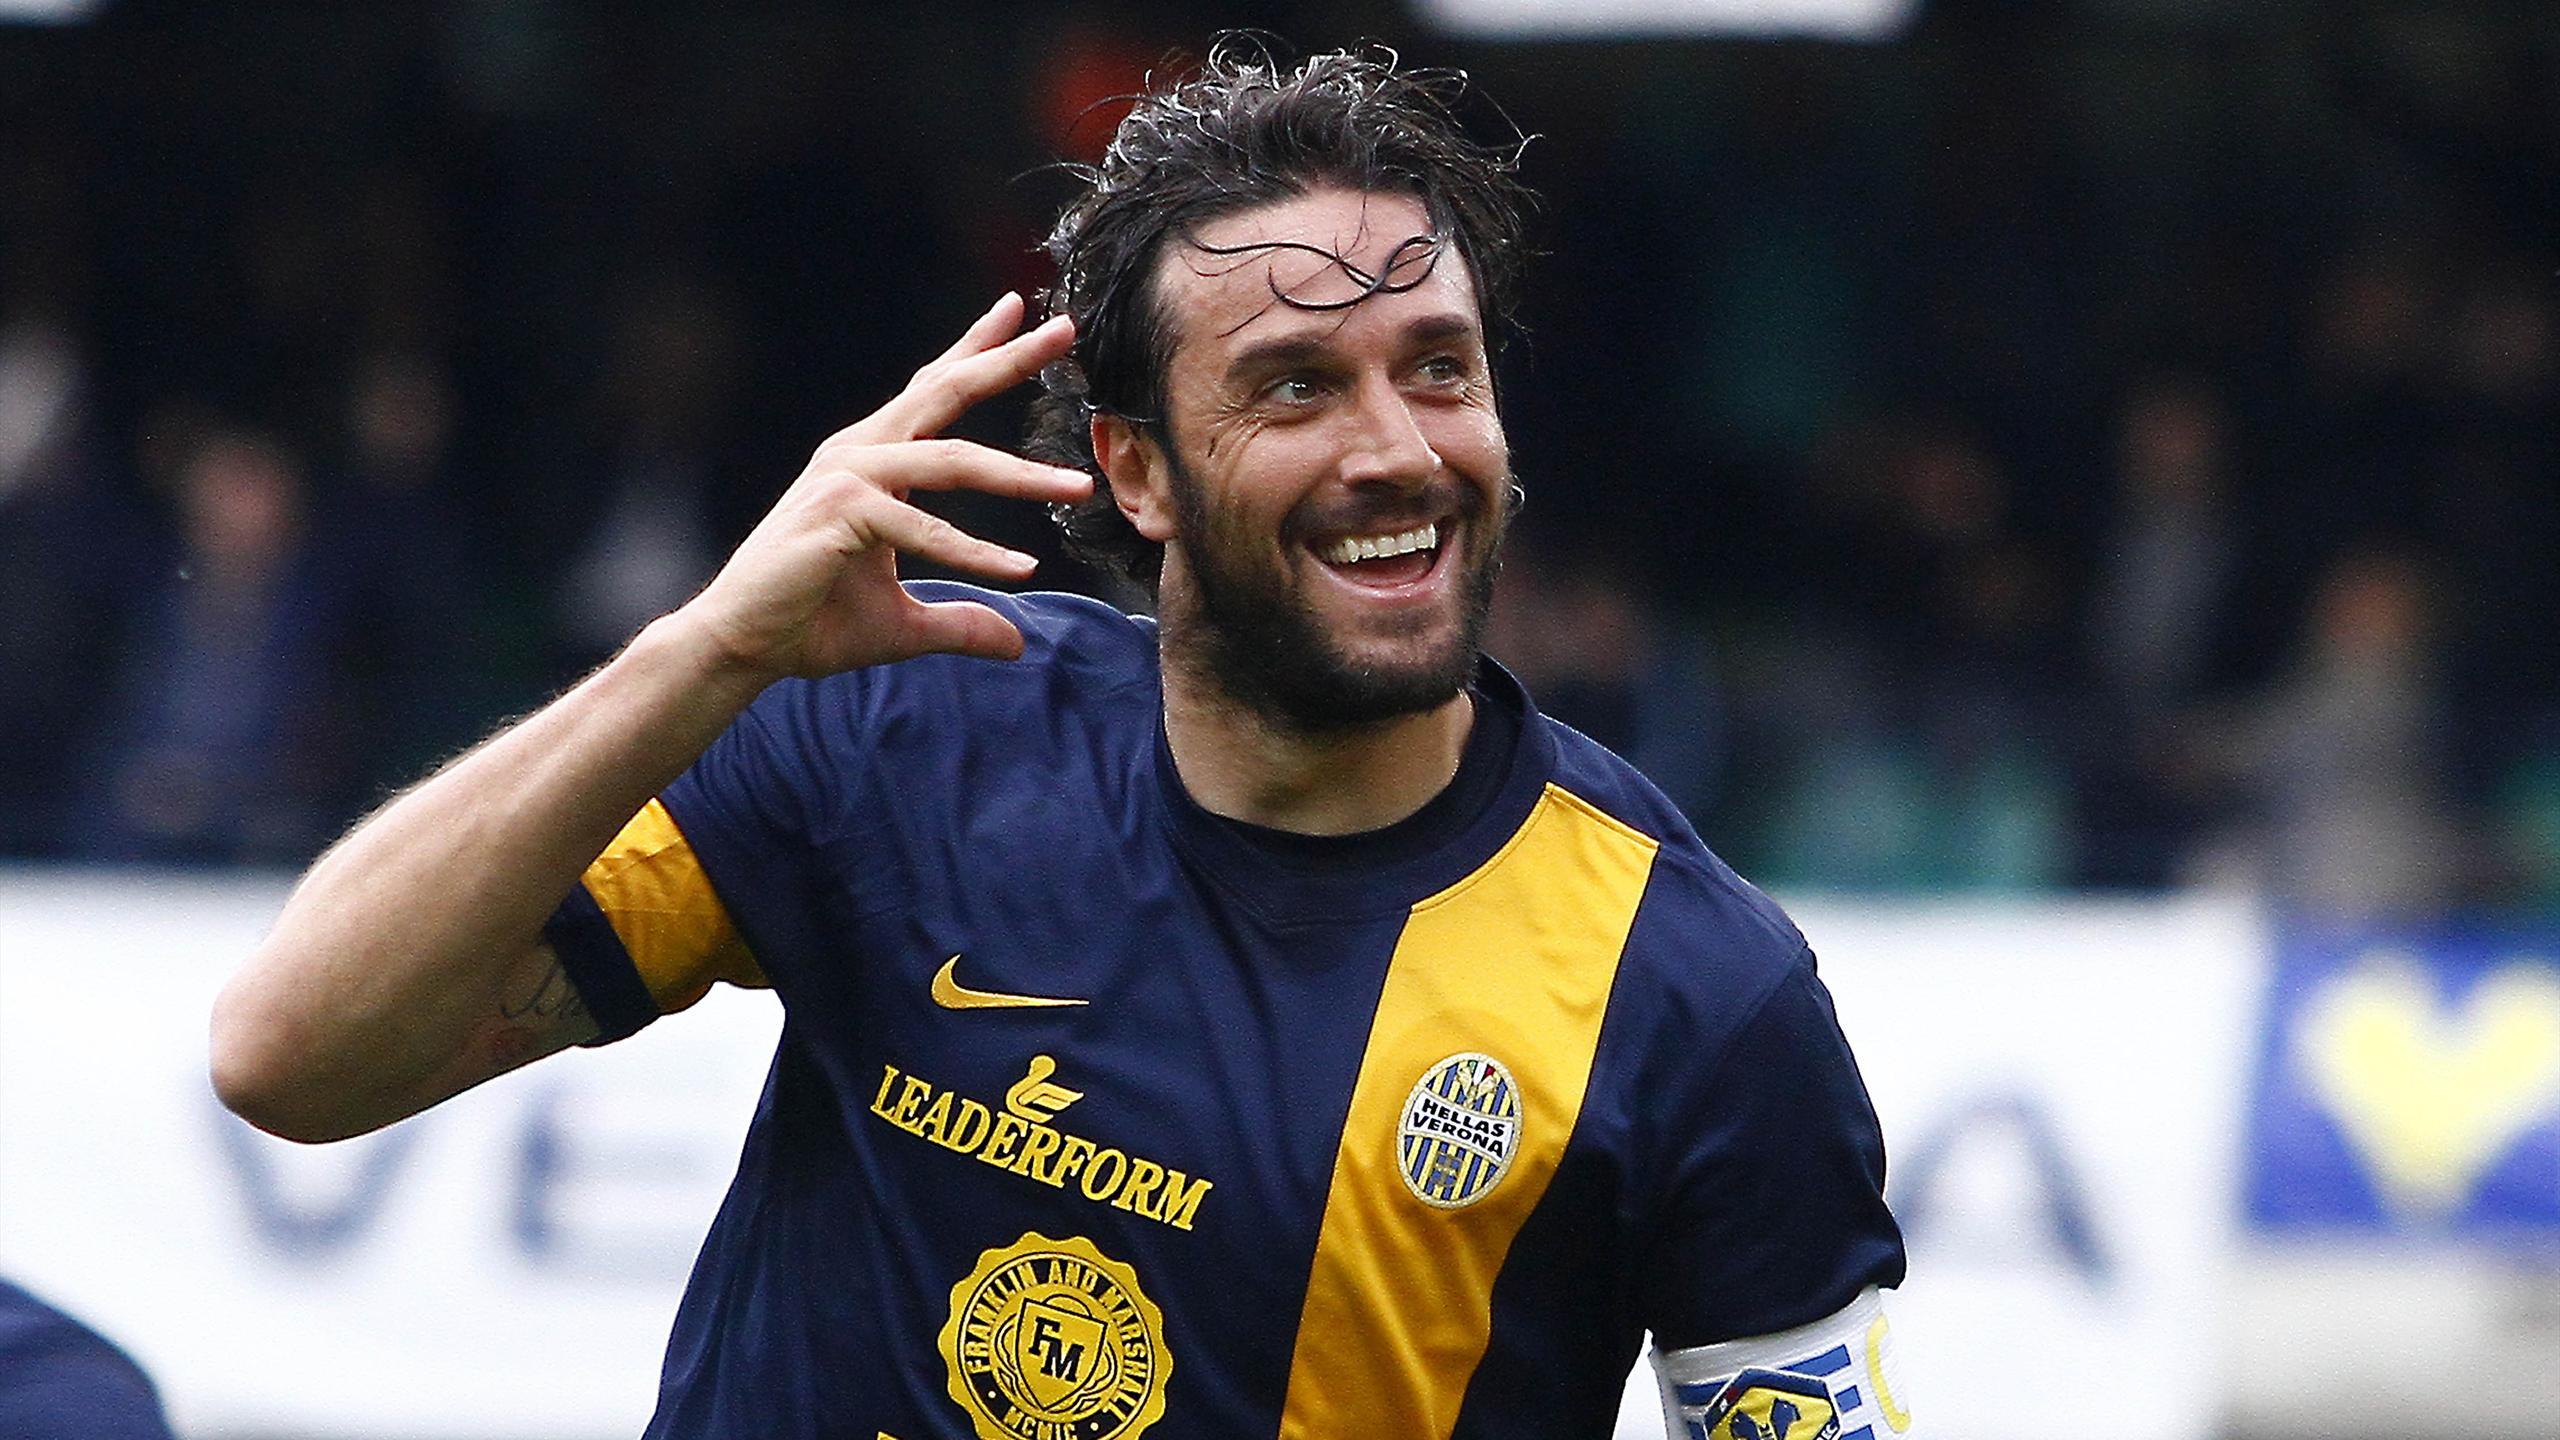 Grazie Luca Toni : retour sur la carrière du Capocannoniere italien